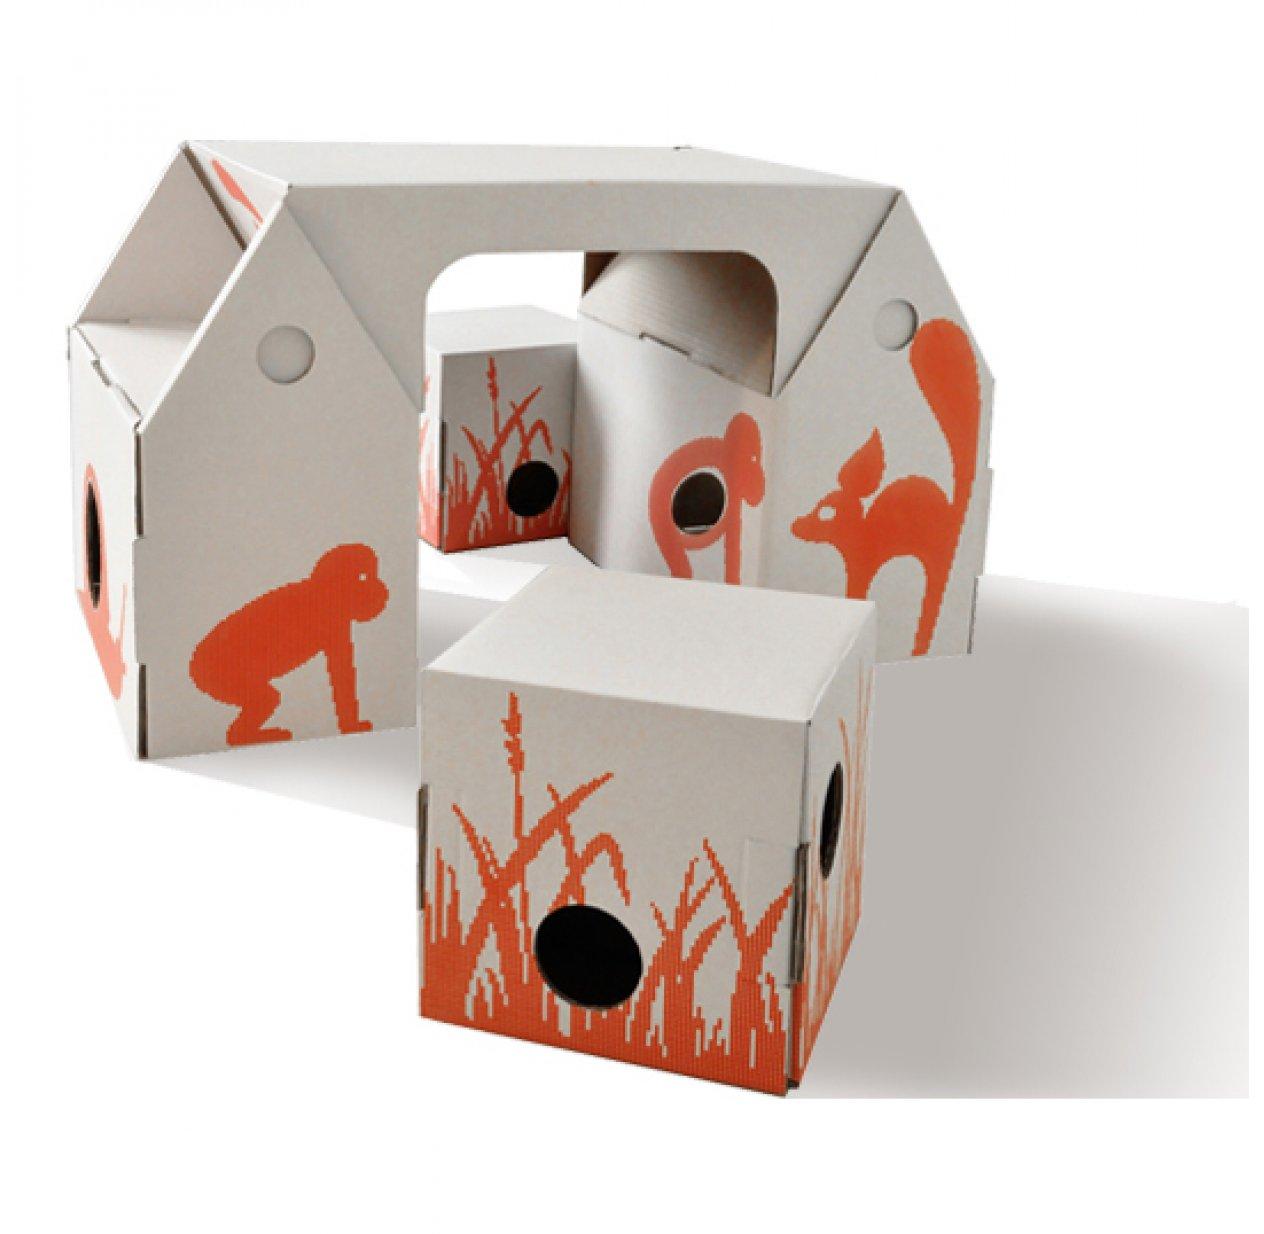 bureau enfant et tabourets en carton recycl bo buro studio roof pour chambre enfant les. Black Bedroom Furniture Sets. Home Design Ideas